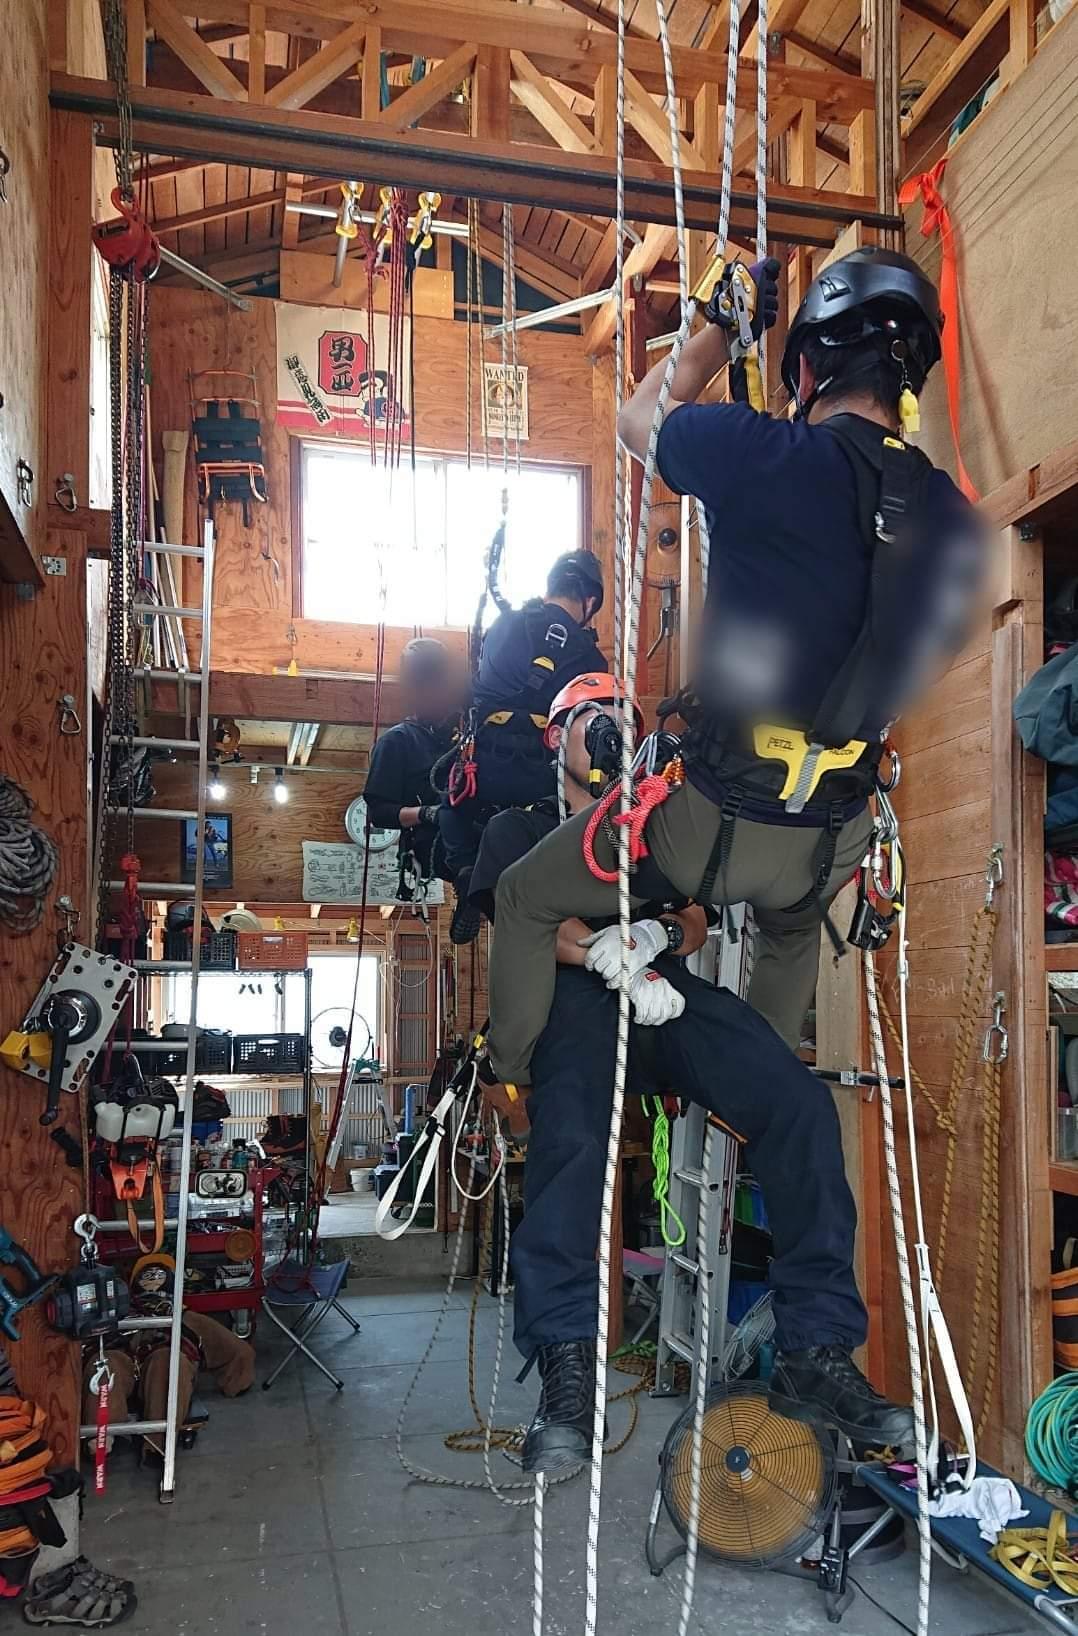 ロープアクセストレーニング_b0001143_20373623.jpg